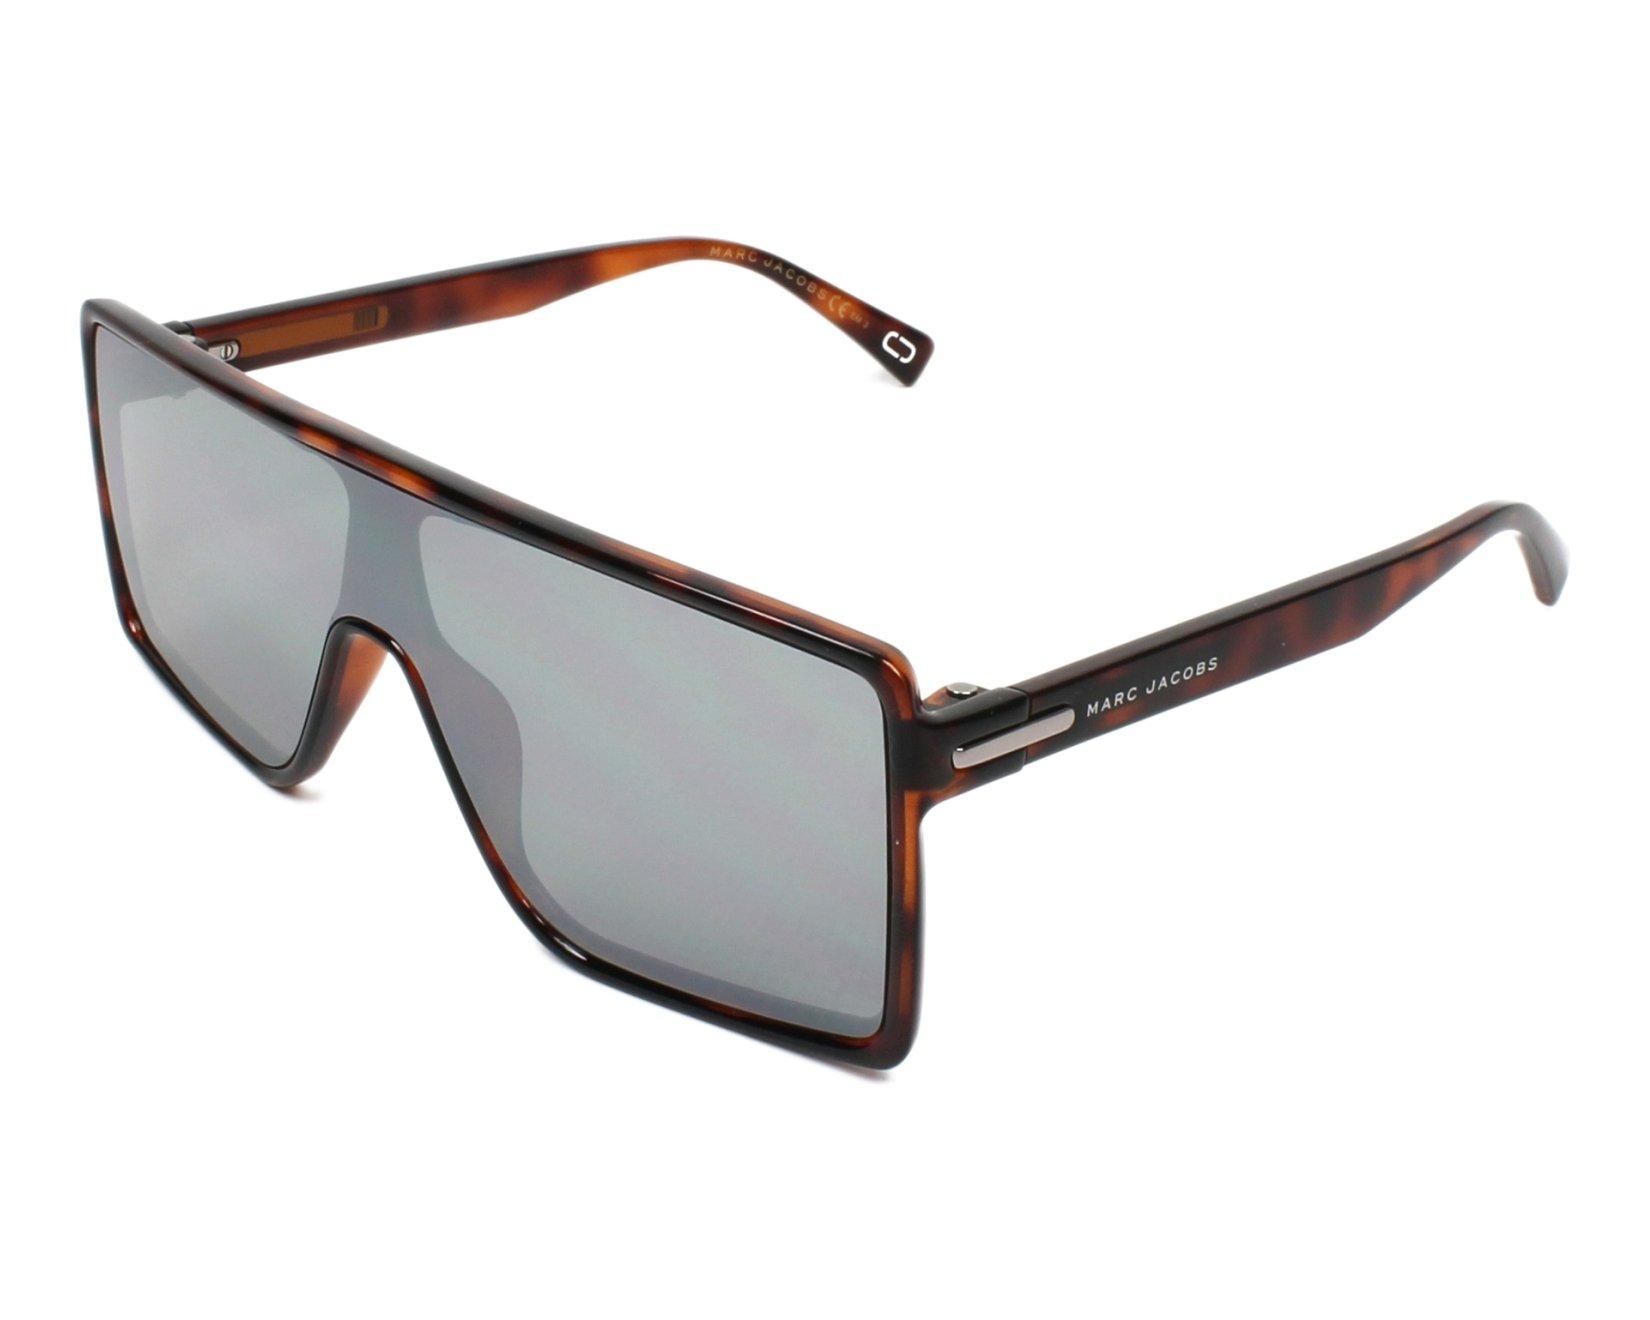 6b3f70883b Gafas de sol Marc Jacobs MARC-220-S 581/T4 - Havana vista